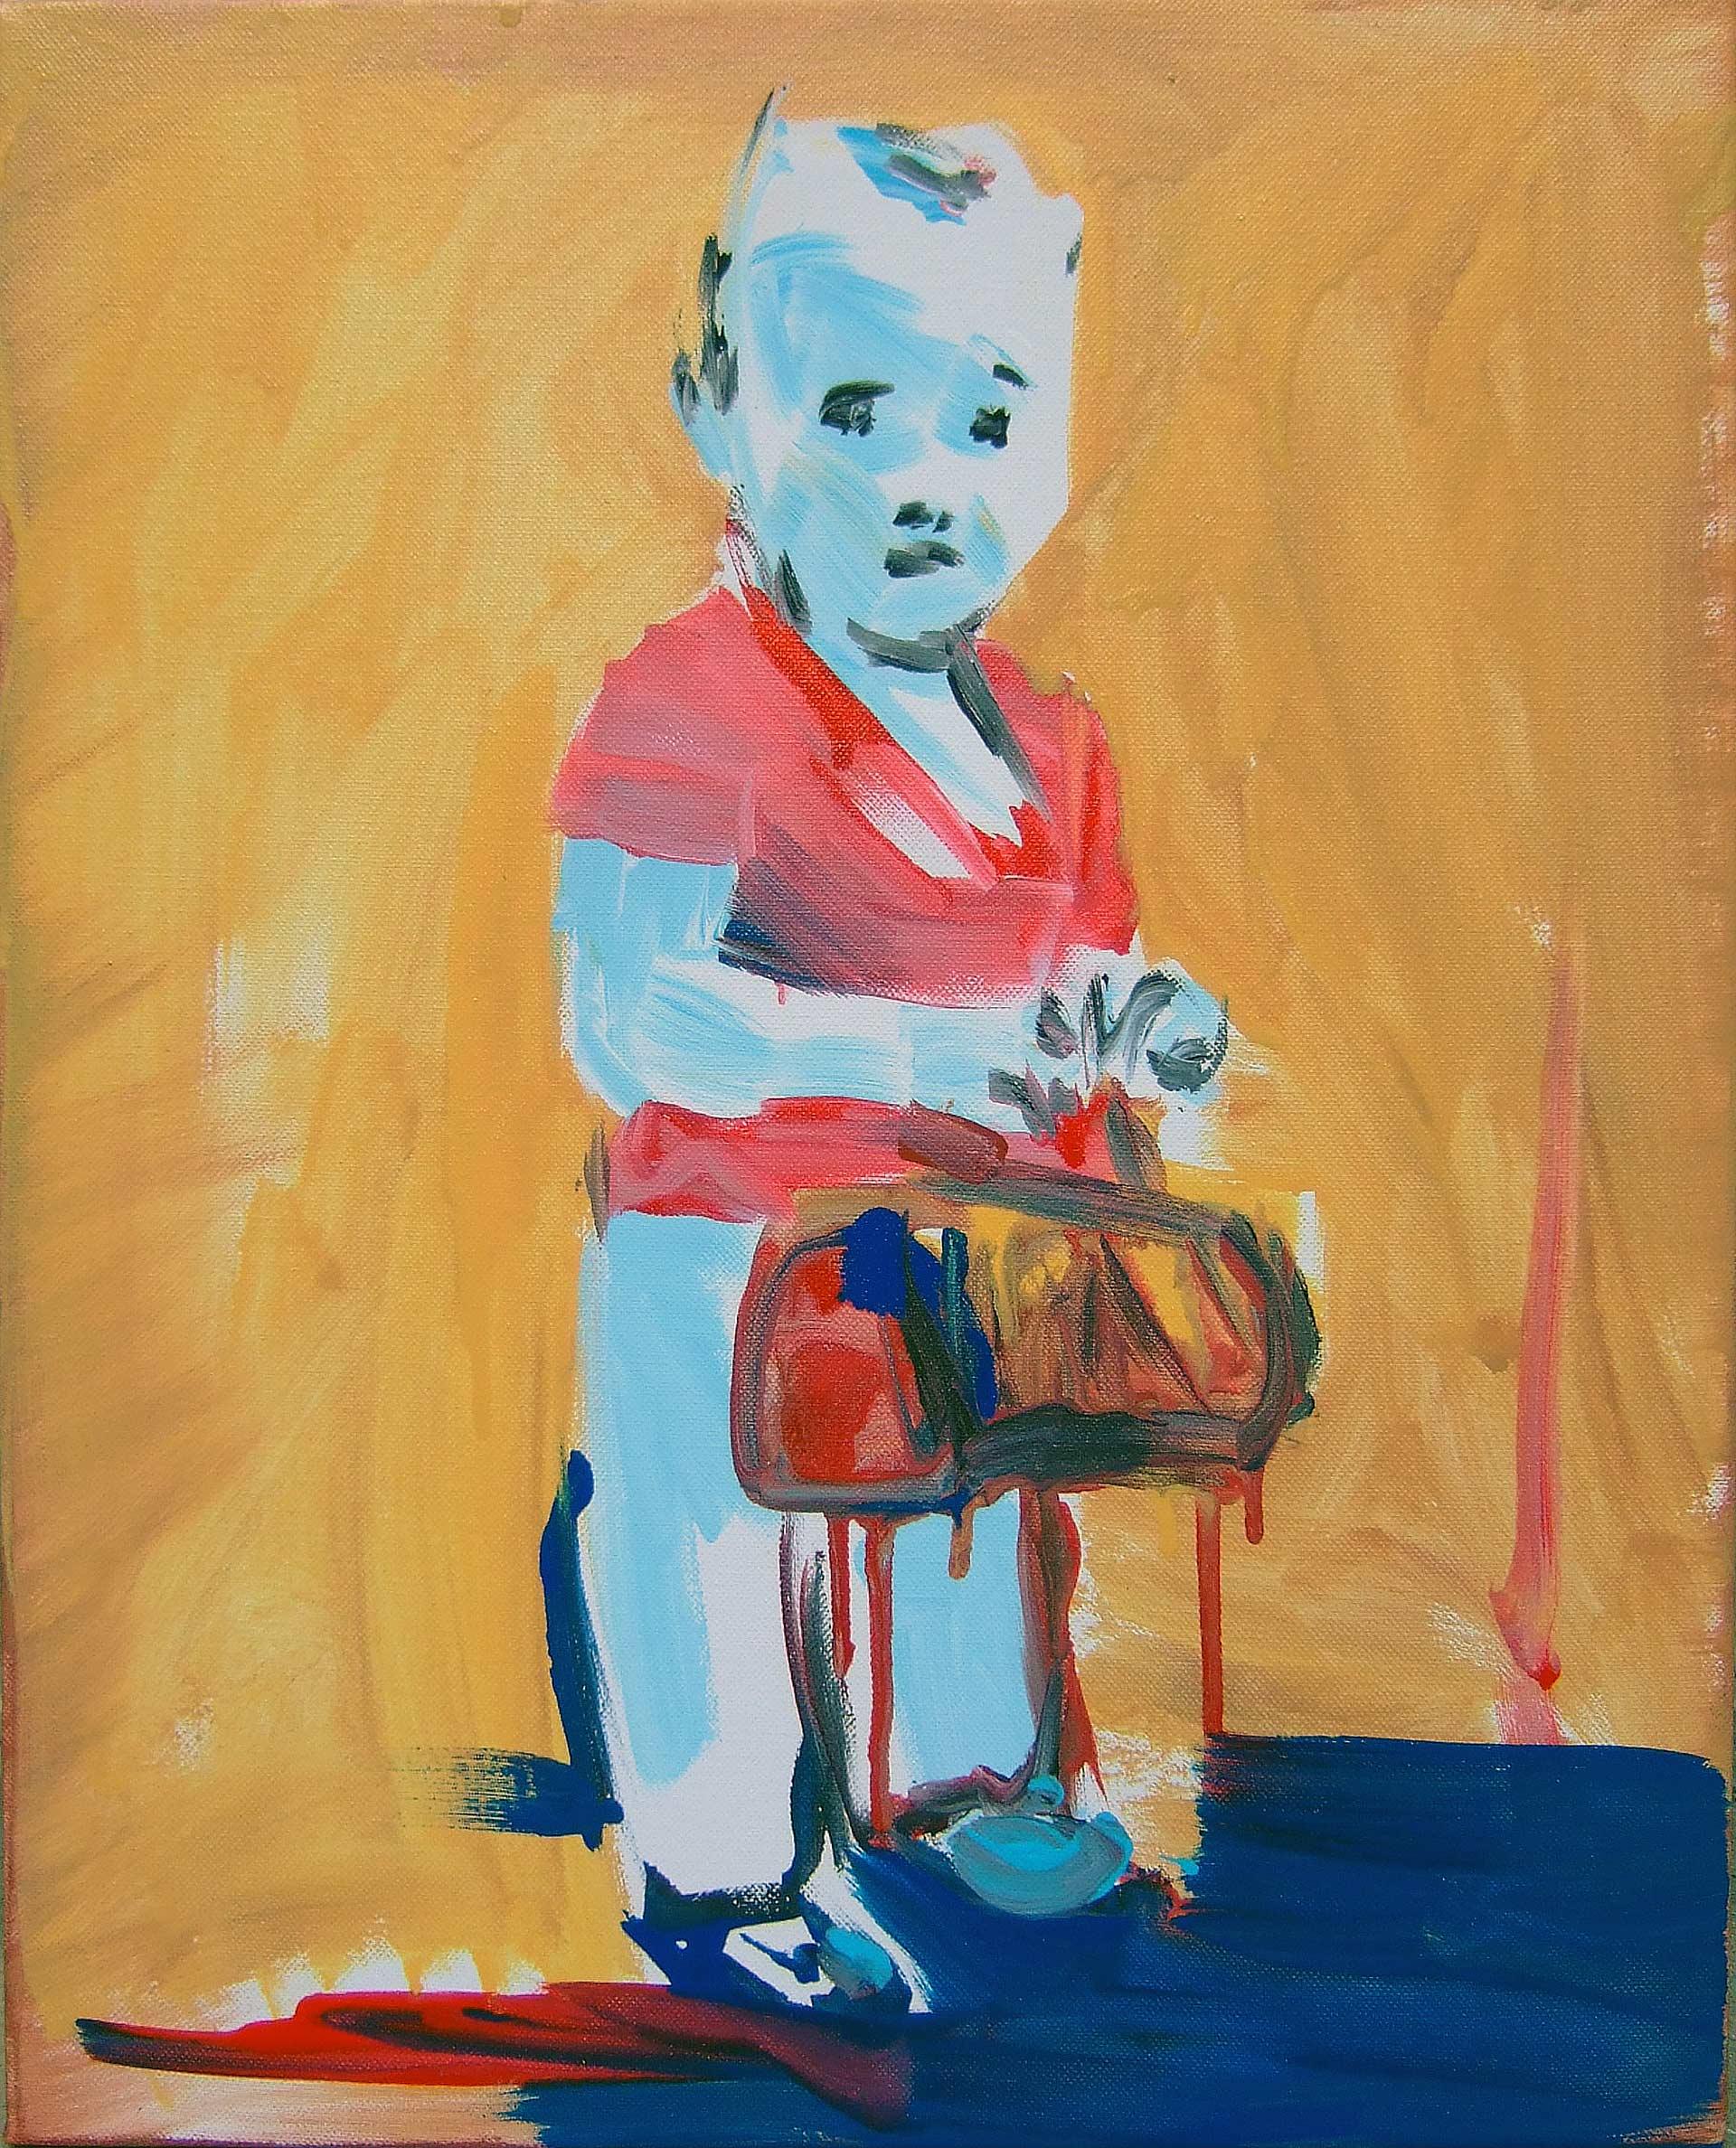 UP0706 (Agnese) Acrylic on canvas, 50 x 40 cm.